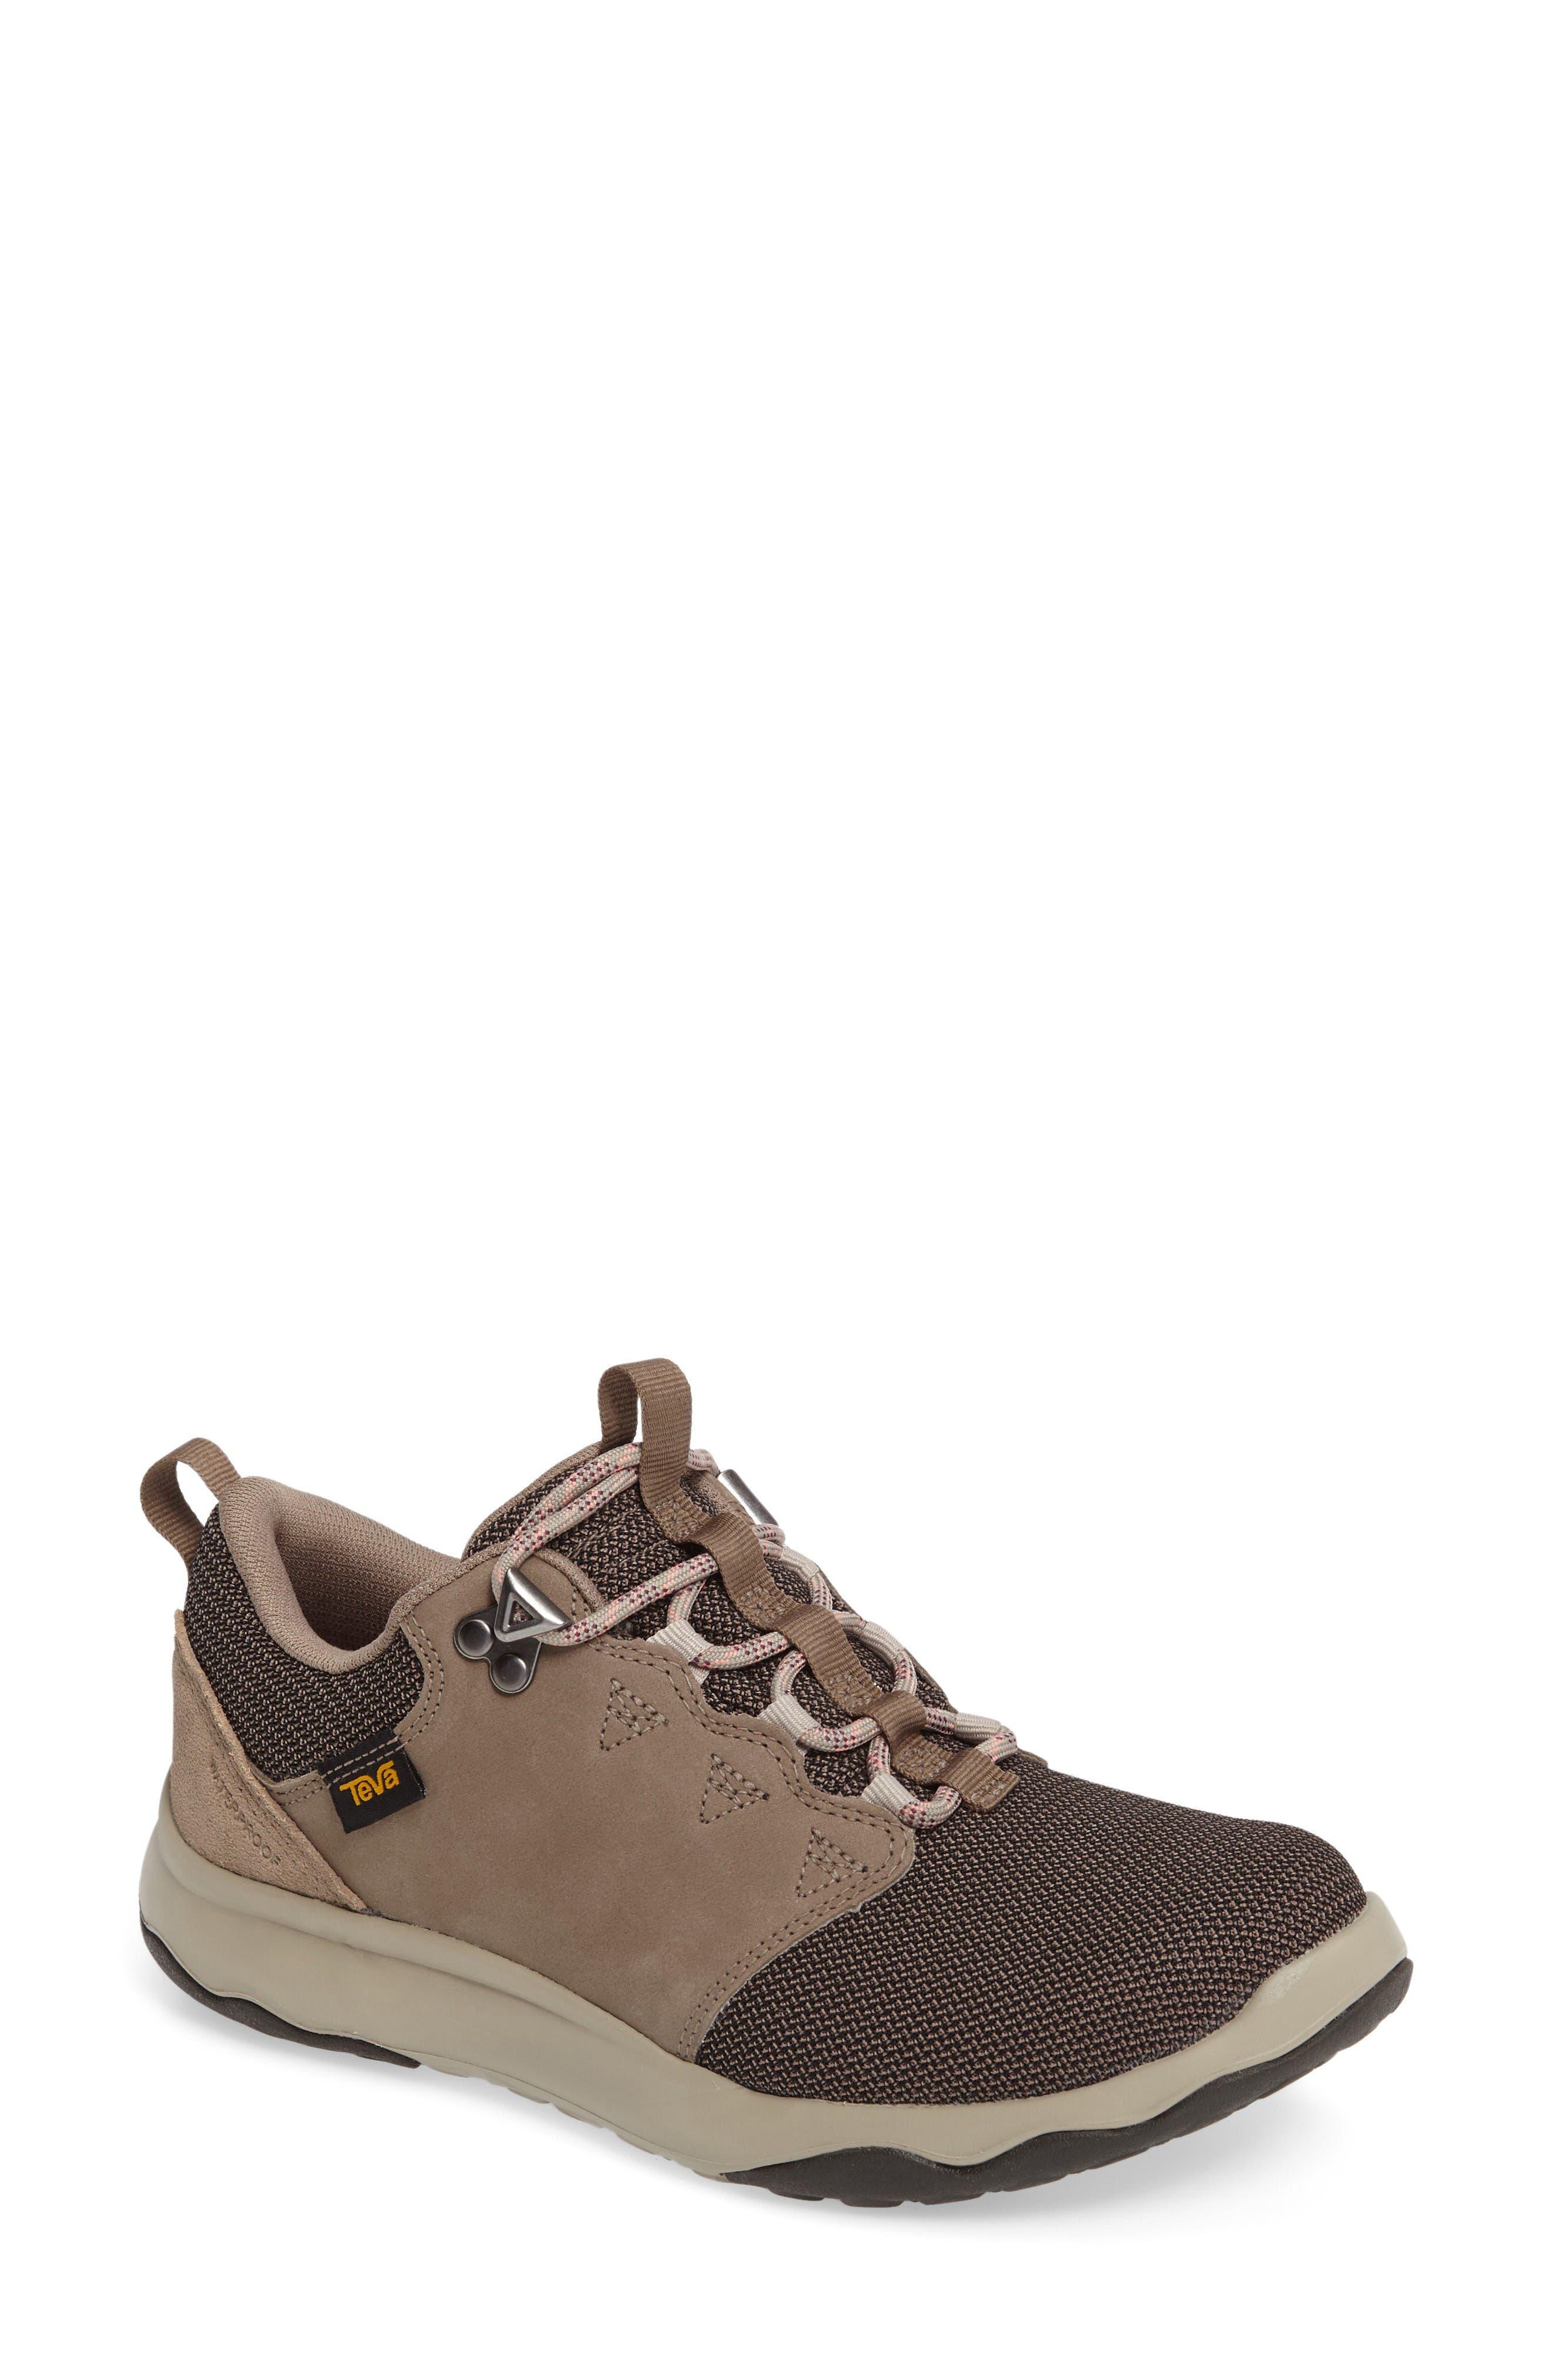 Alternate Image 1 Selected - Teva 'Arrowood' Waterproof Sneaker (Women)